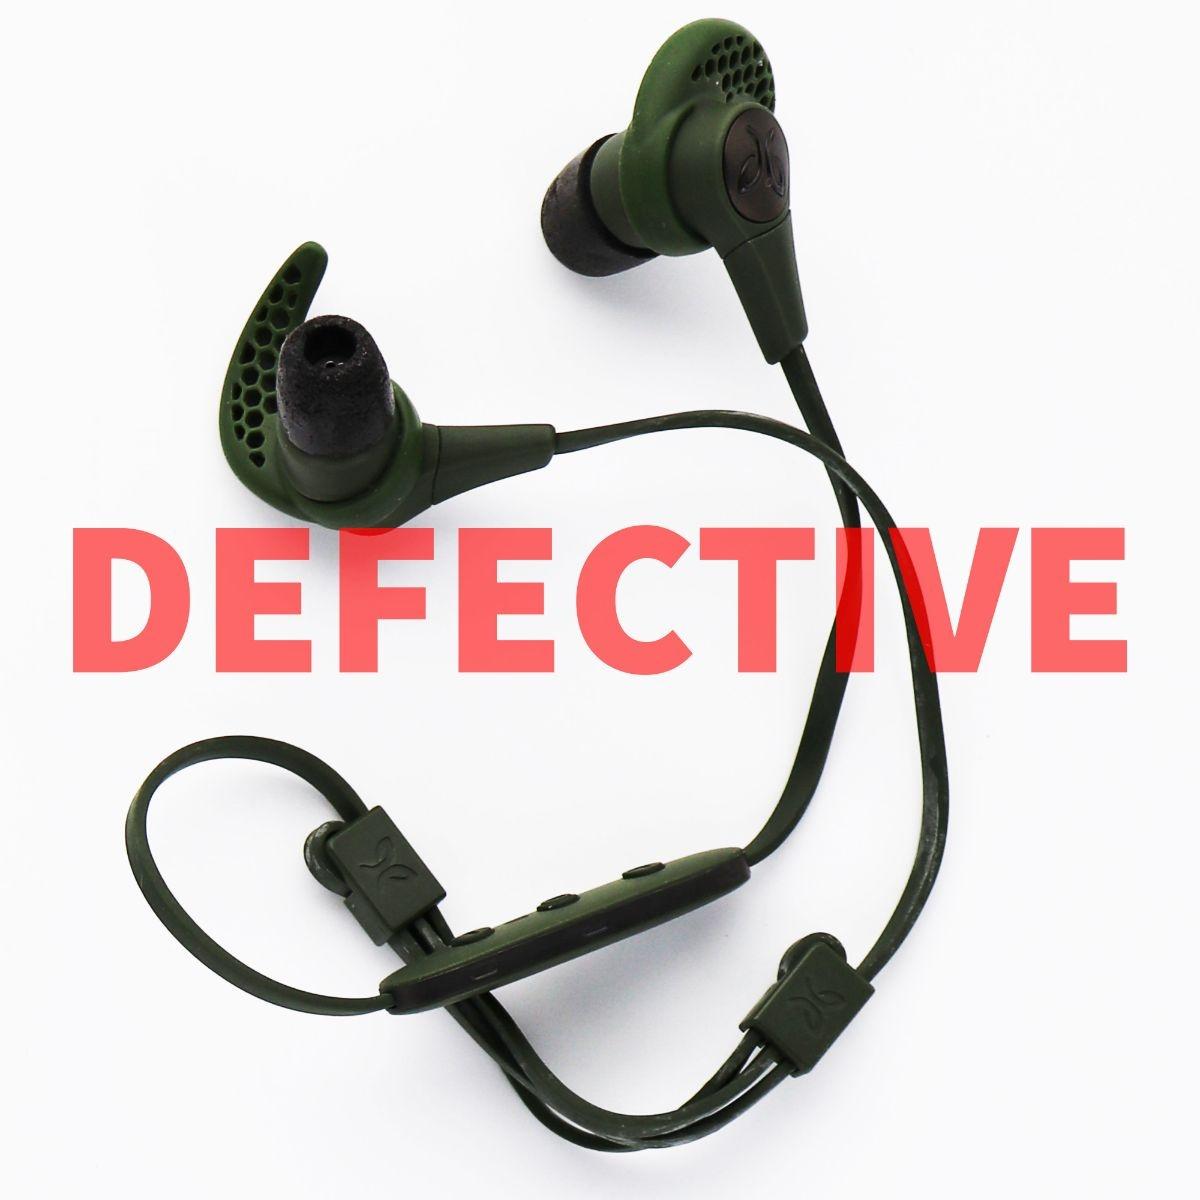 f929c736ad2 Simple Cell bulk: Jaybird X3 In-Ear Wireless Sweat-proof Sports ...